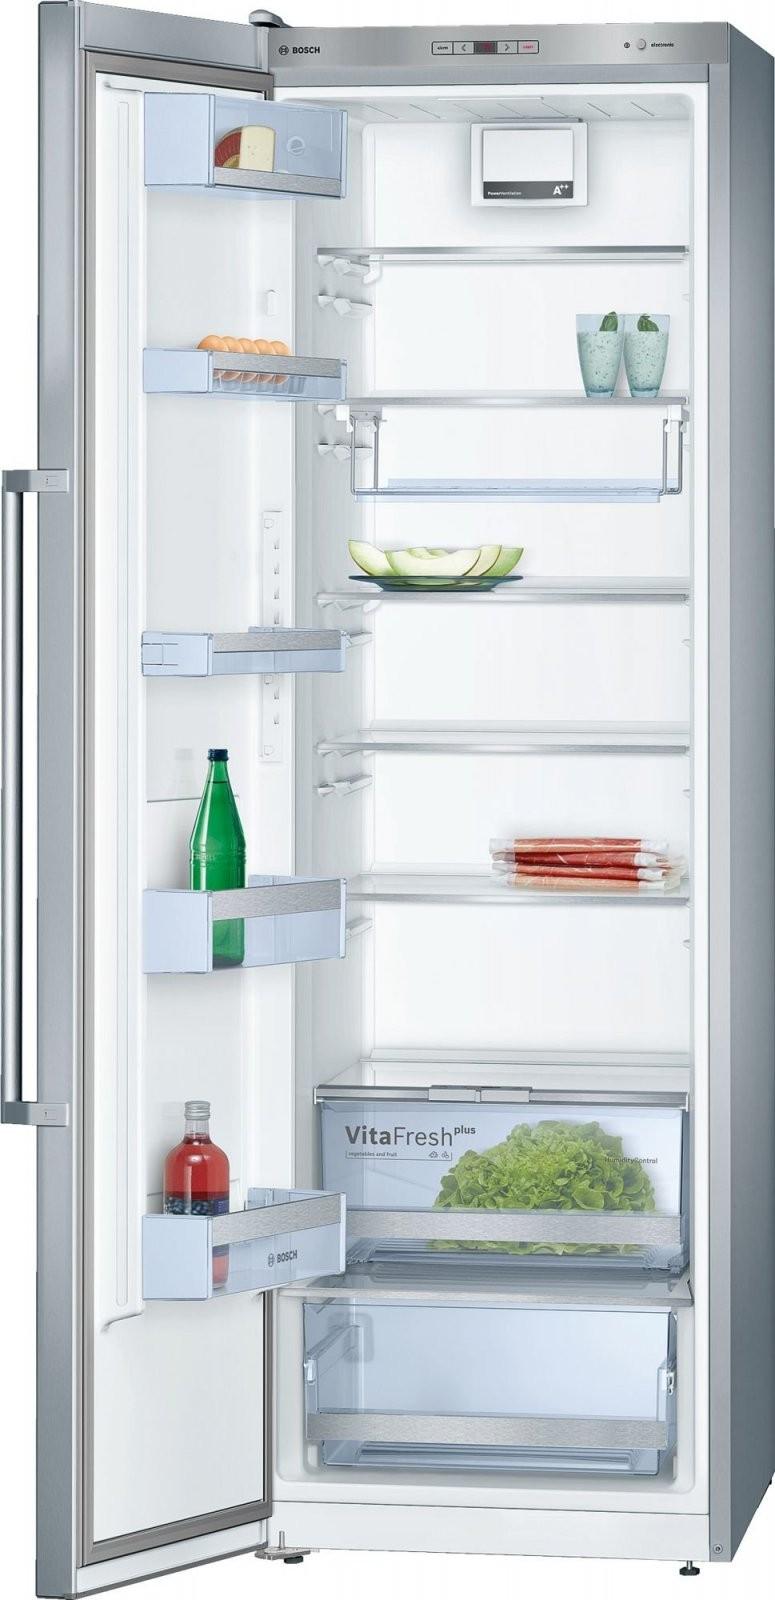 Kühlschrank Günstig Im Check24Preisvergleich von Kühl Gefrierkombination Mit 0 Grad Zone Bild